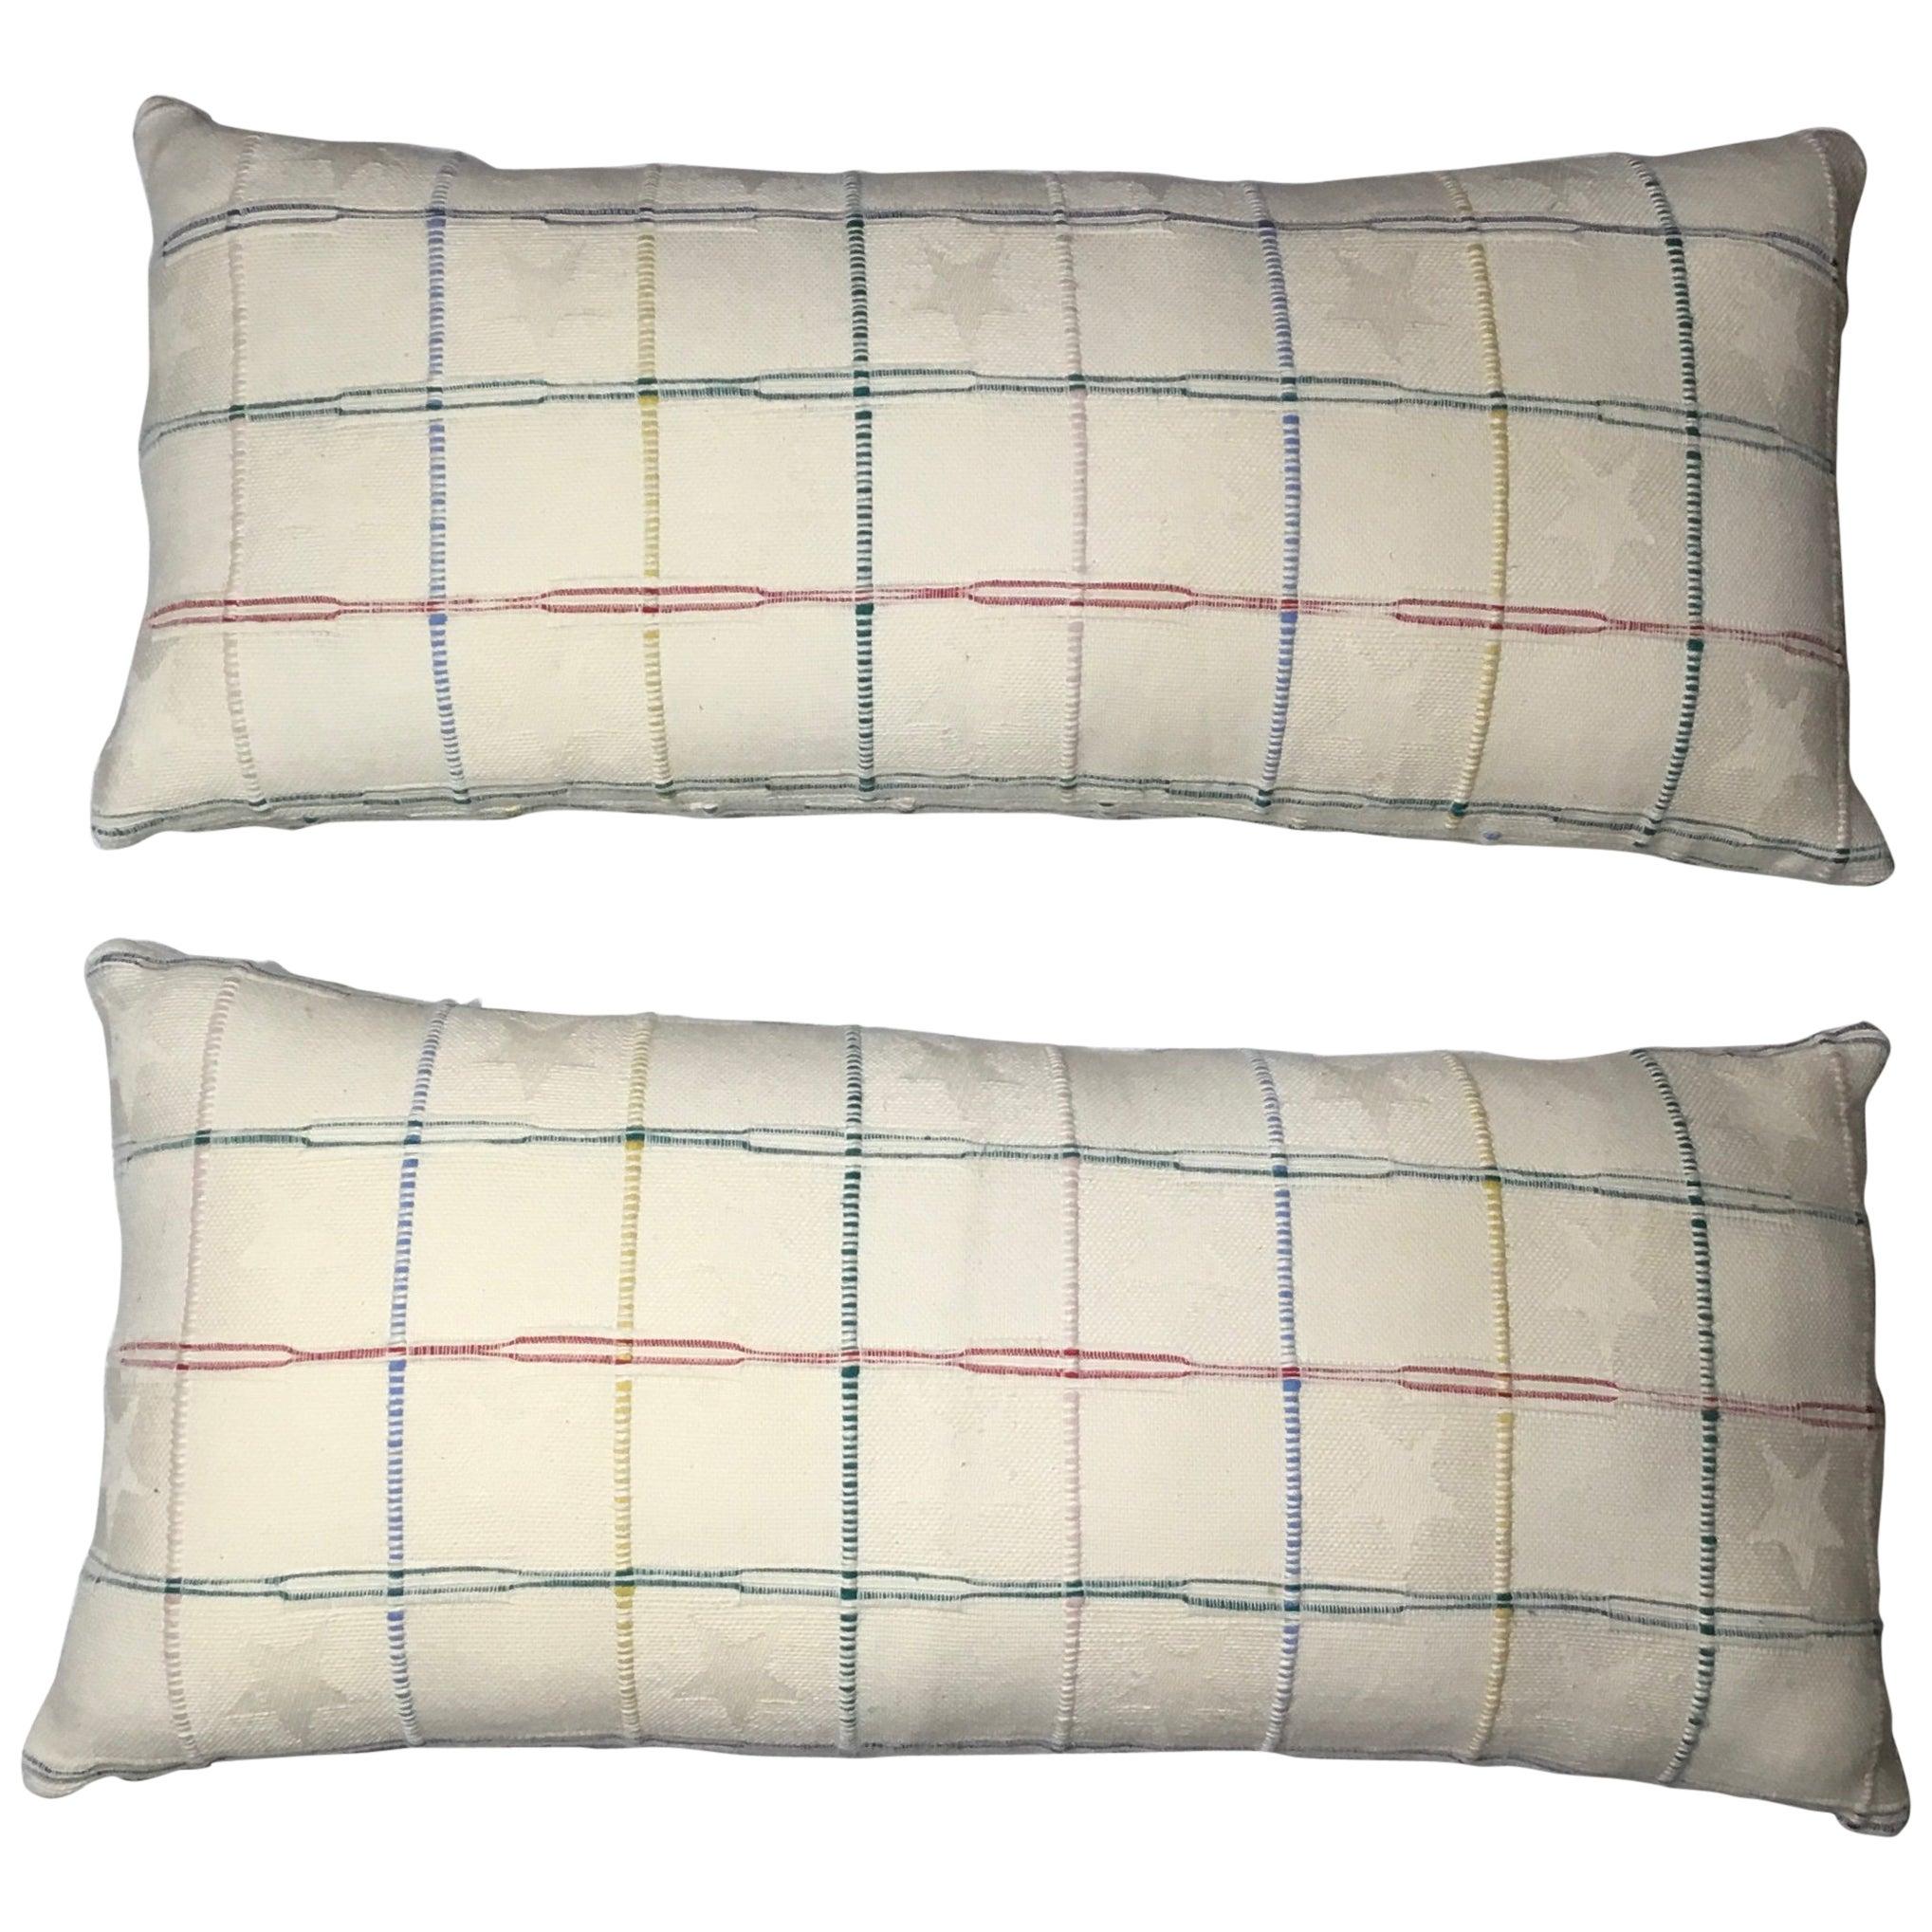 Elegant Pair Of Decorative Pillows